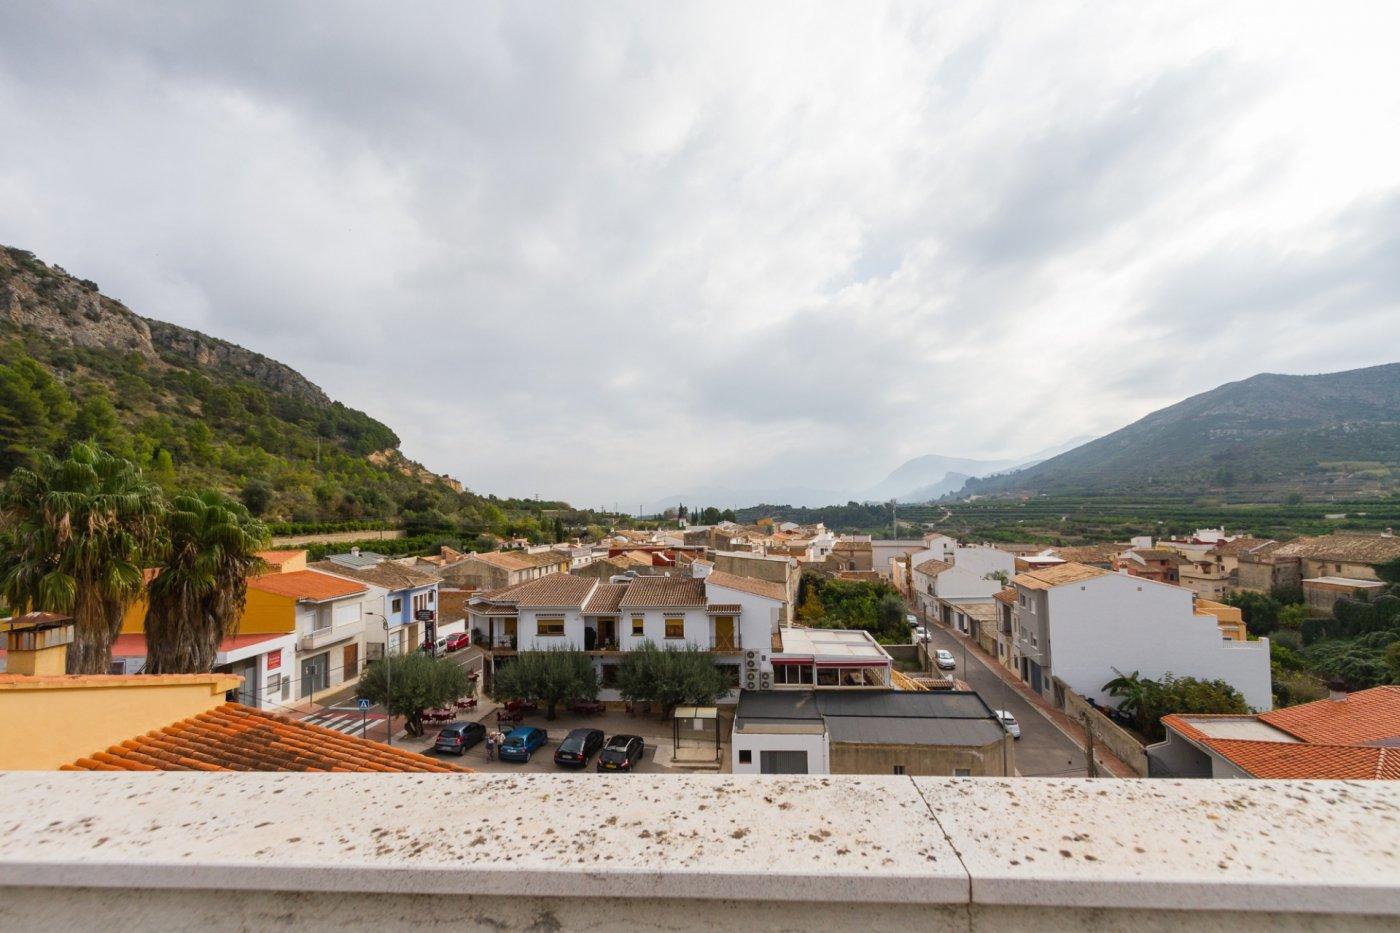 Fuera covid ! faboloso ático con vistas con terraza y piscina comunitaria y zona chillout. - imagenInmueble2